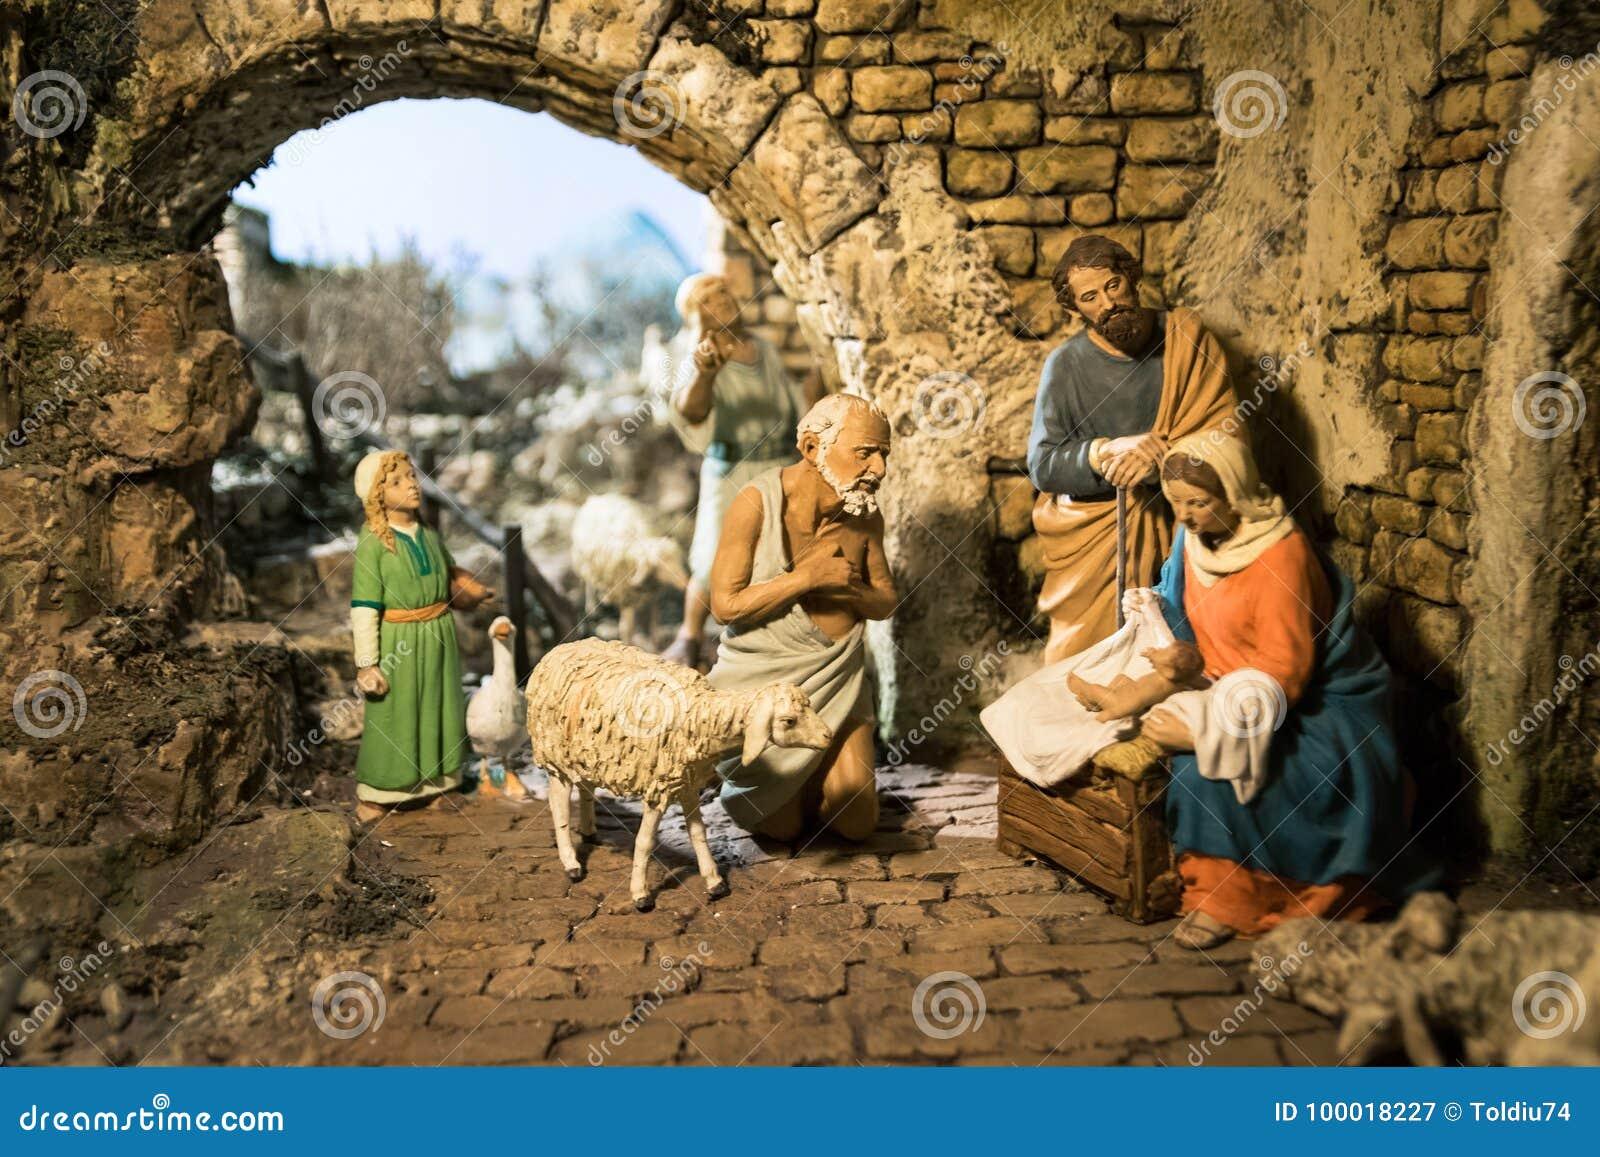 5cd90d46398 Detalle De Madera De Los Pesebres De La Navidad Fotografía editorial ...